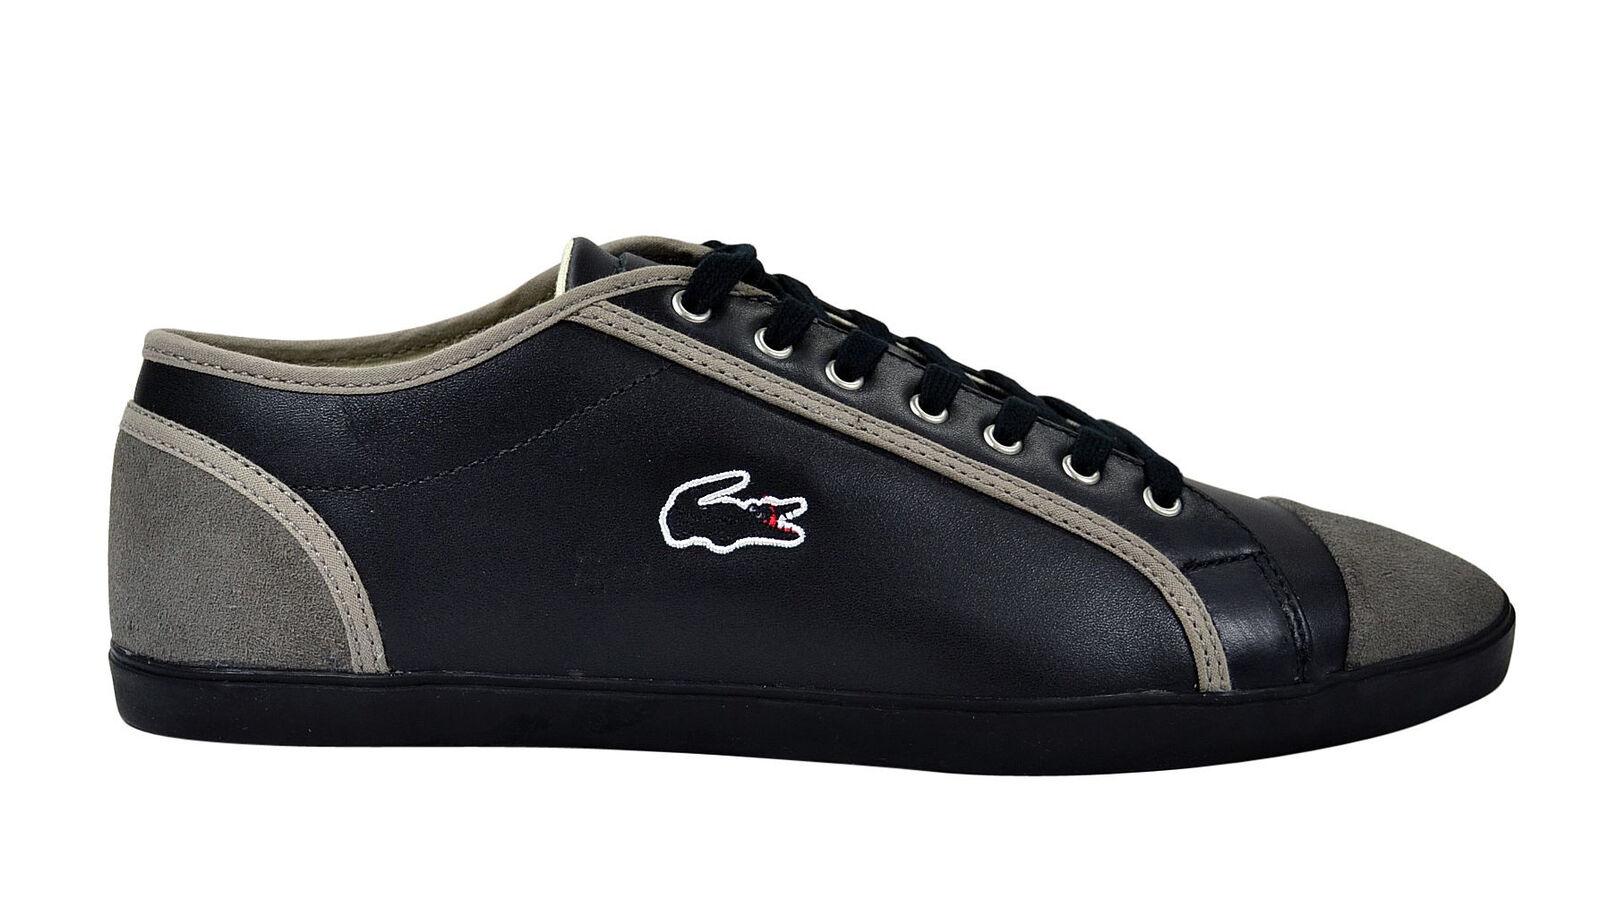 Lacoste Berber 8 black/schwarz LTH BLK Schuhe/Sneaker